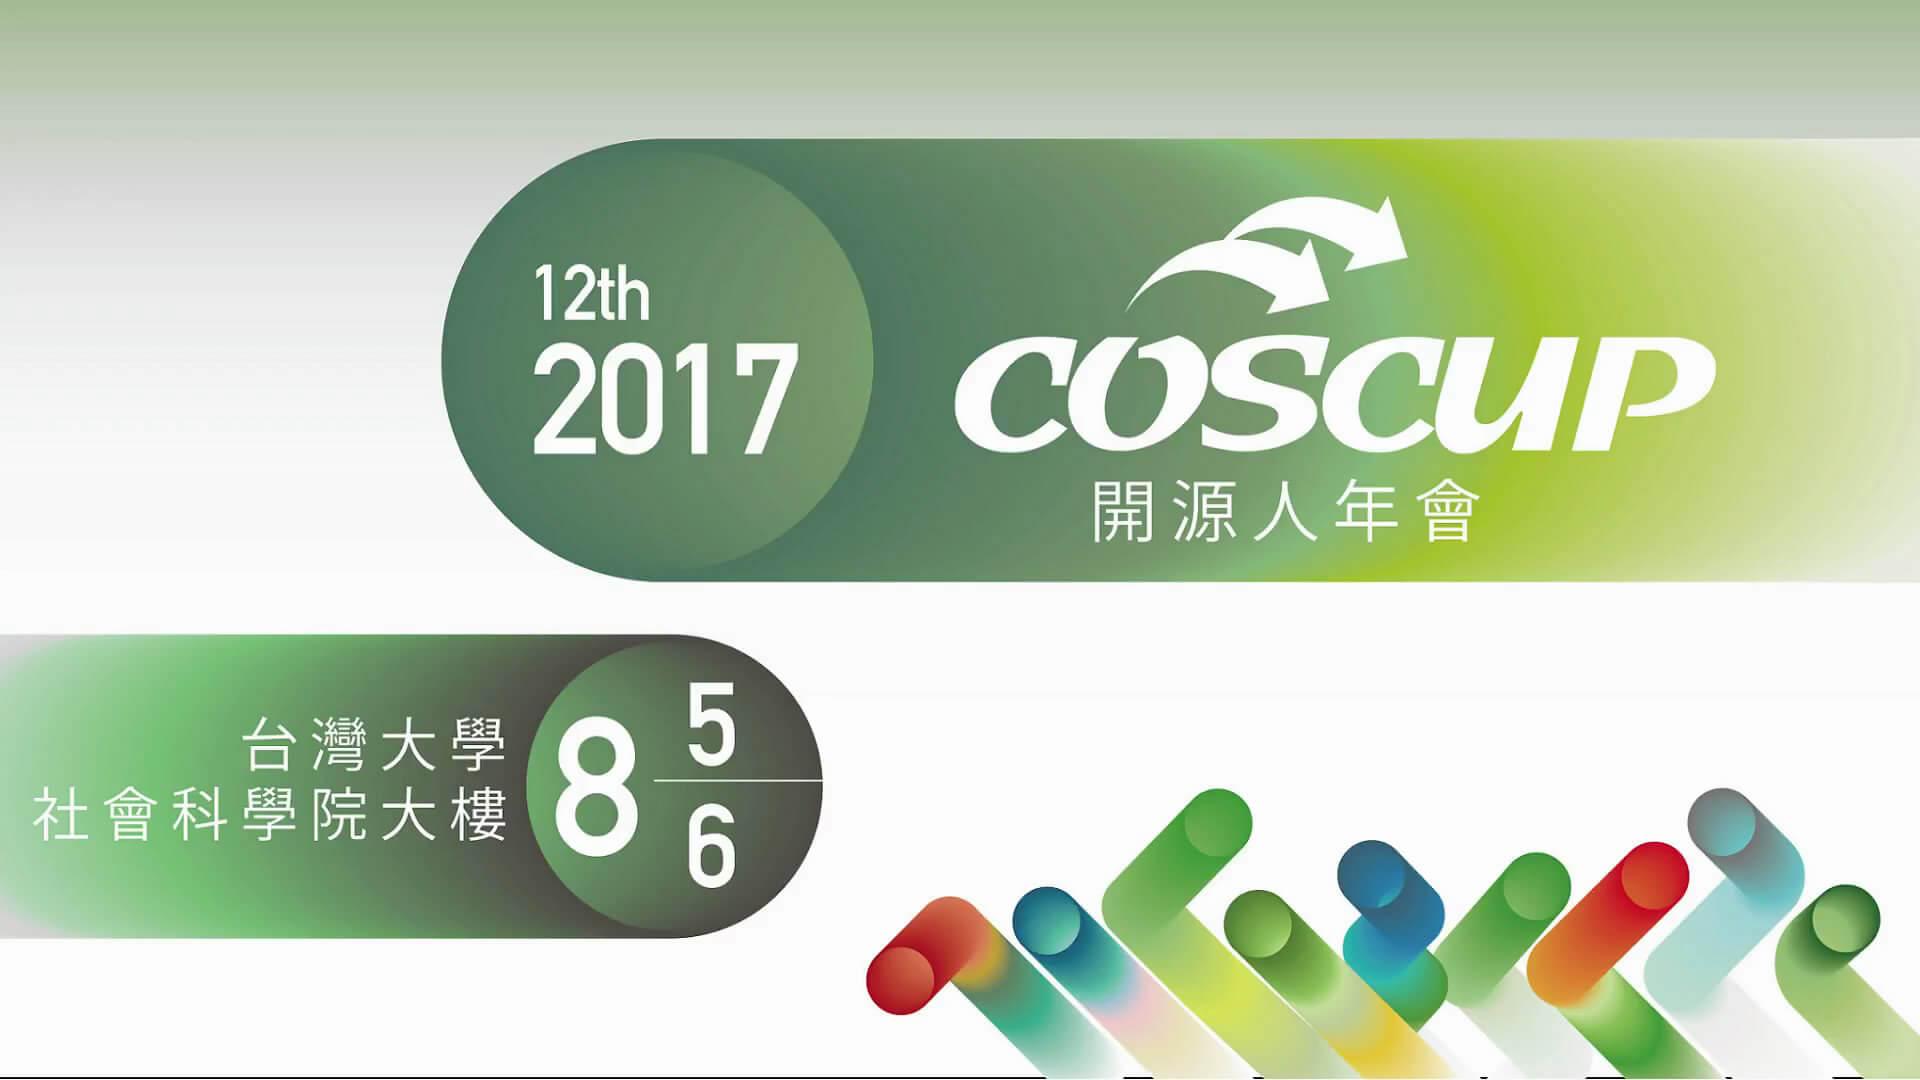 開源人年會 COSCUP 2018 確定舉辦時間及地點